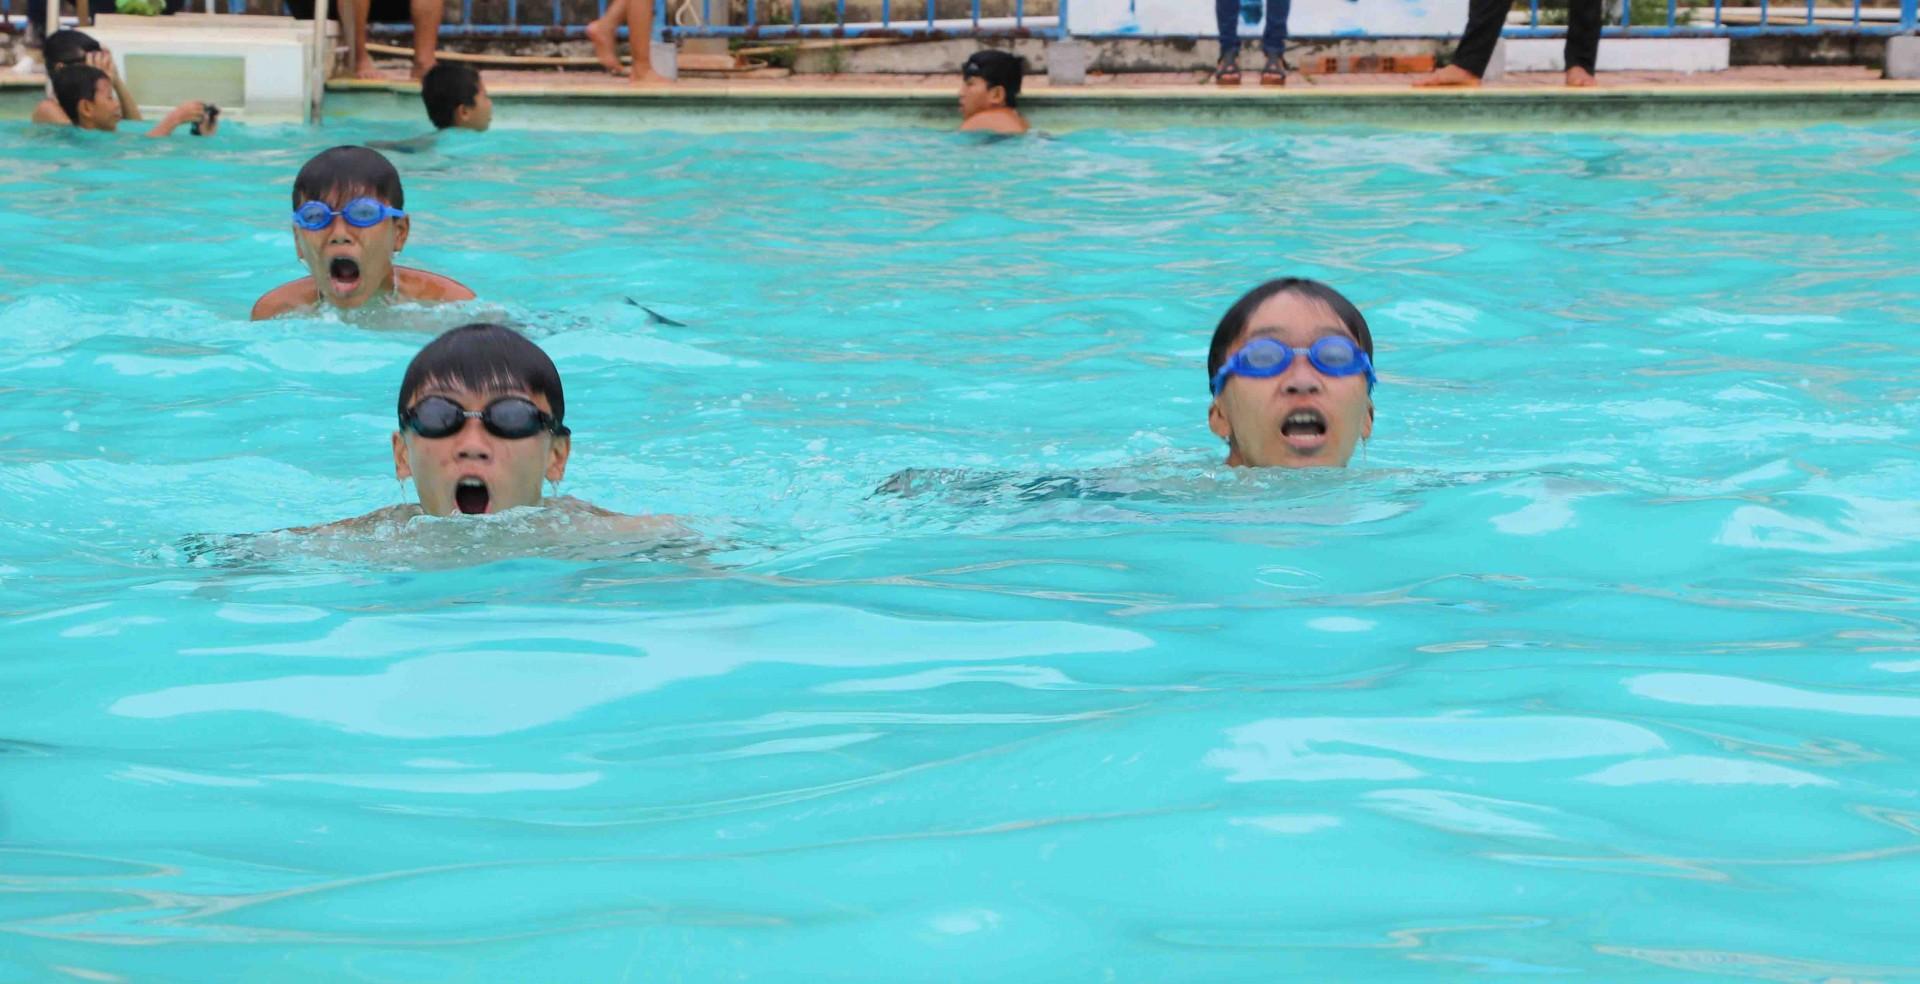 Kỹ thuật thở nước cho người mới học bơi